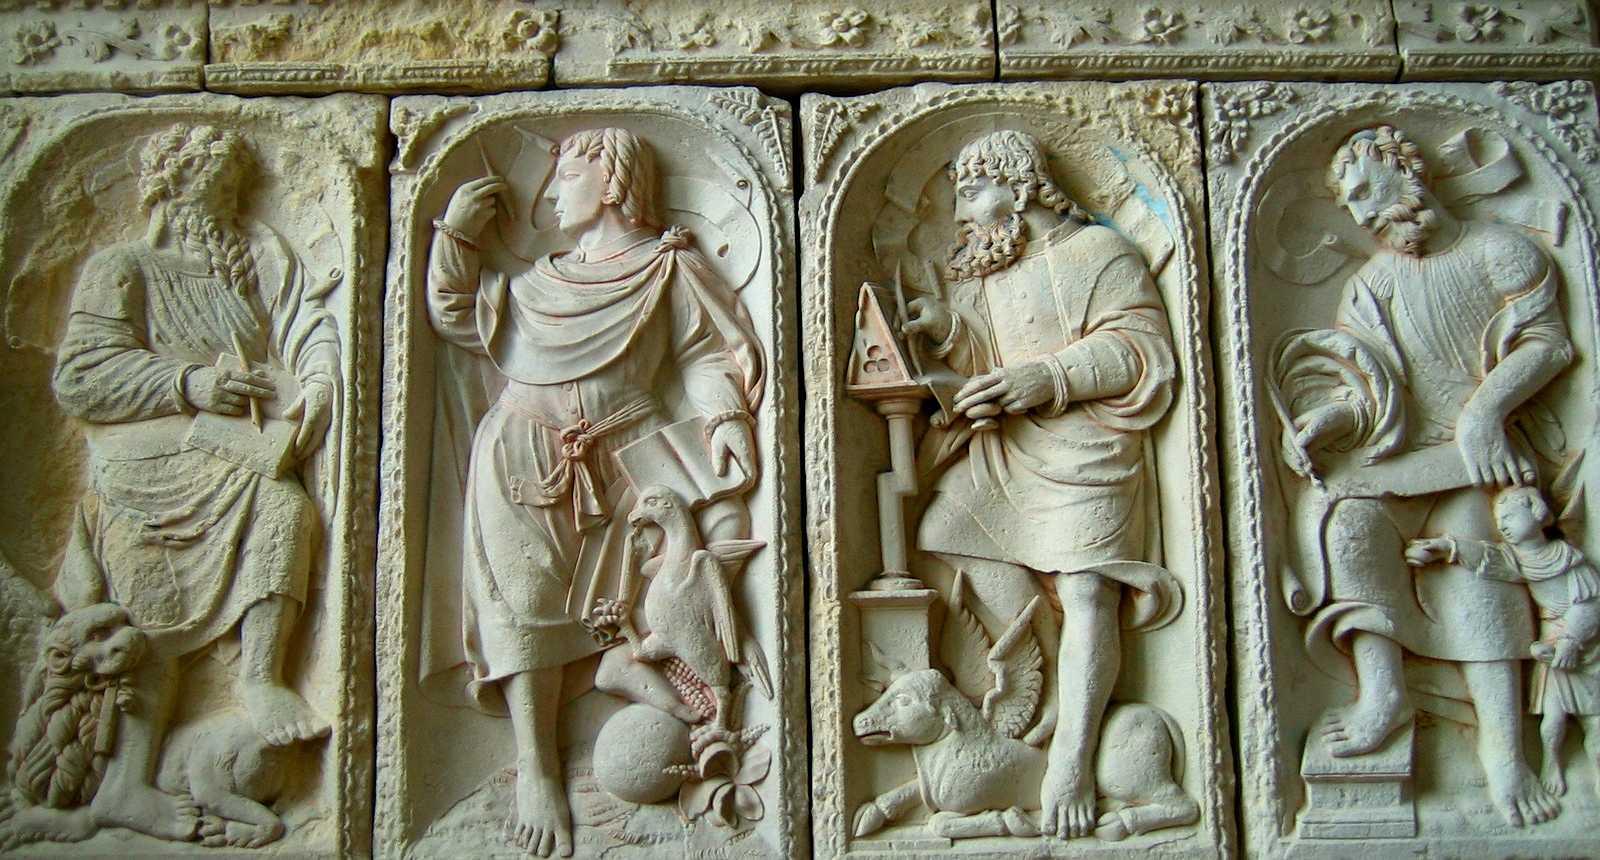 Les 4 évangélistes, au coeur de l'Abbaye du Mont-Saint-Michel